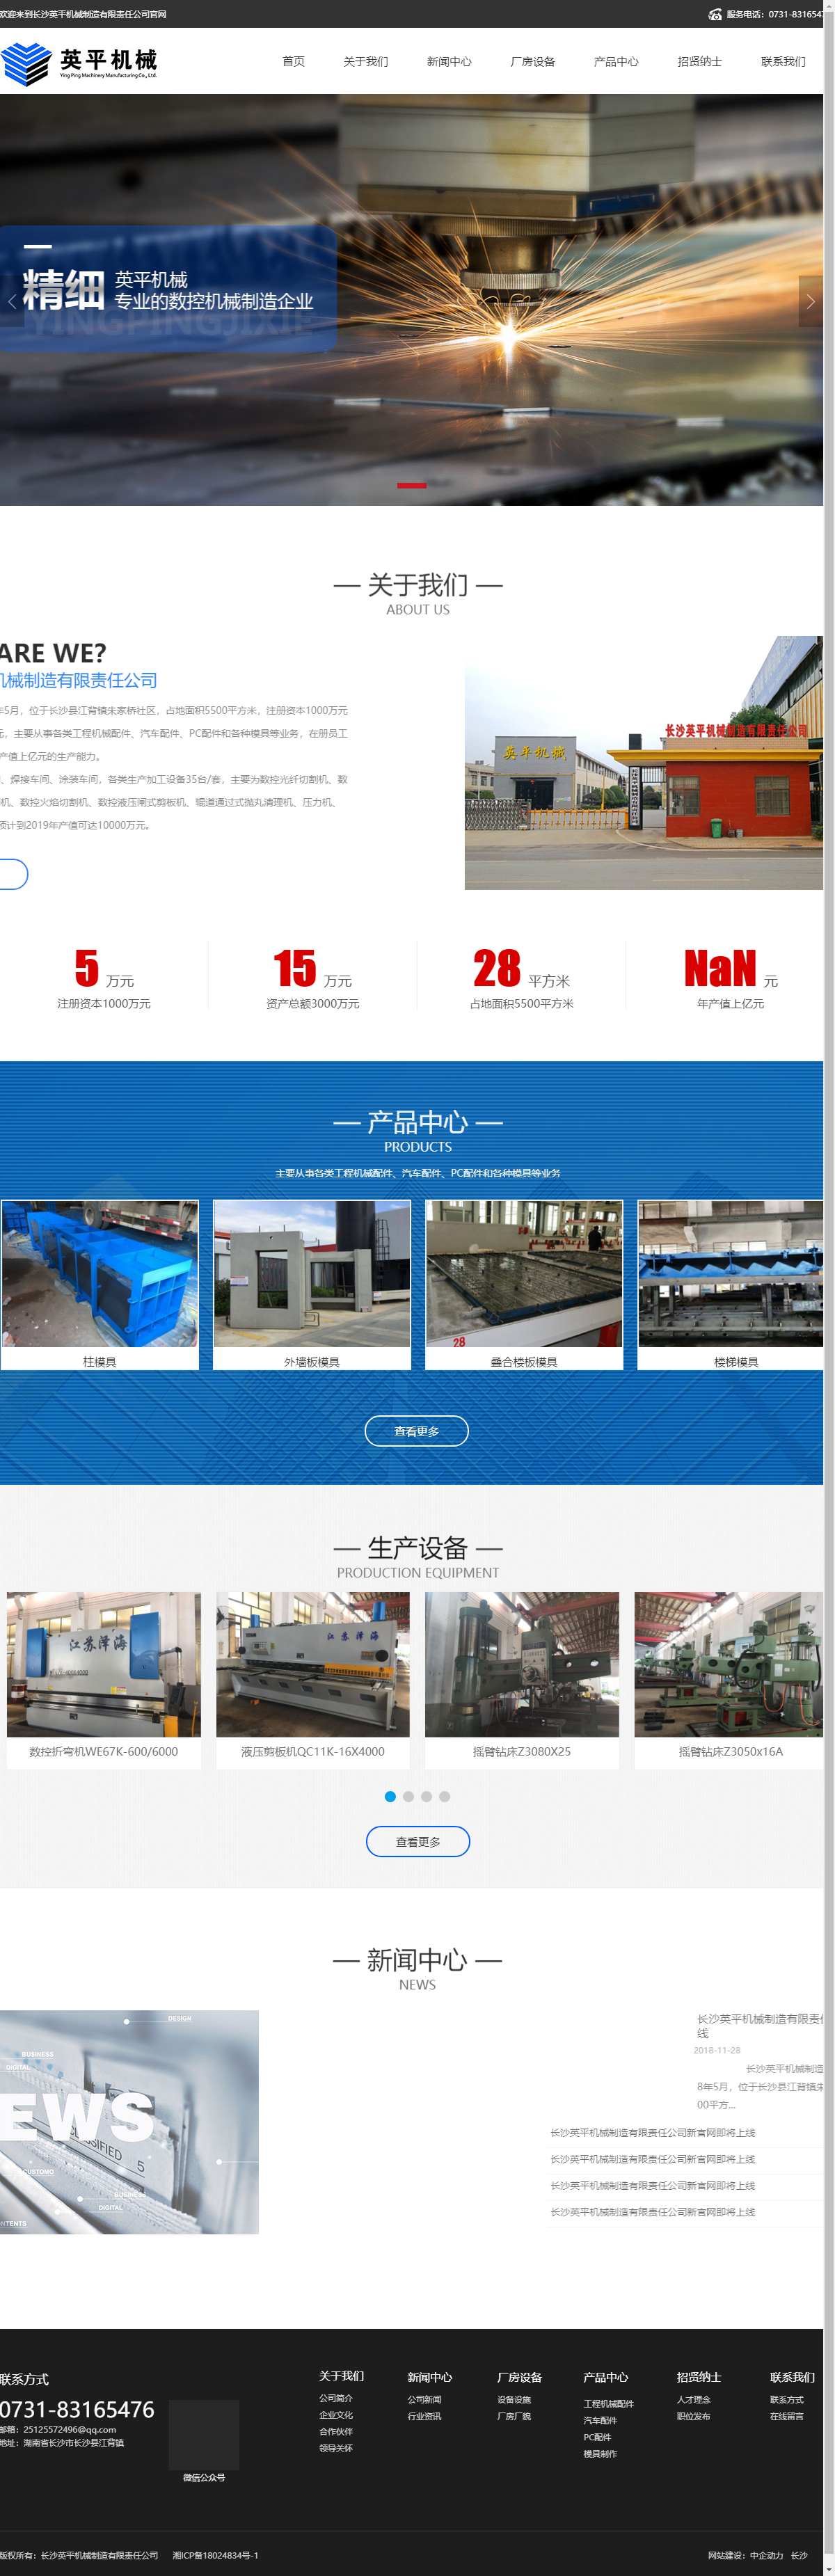 长沙英平机械制造有限责任公司网站案例